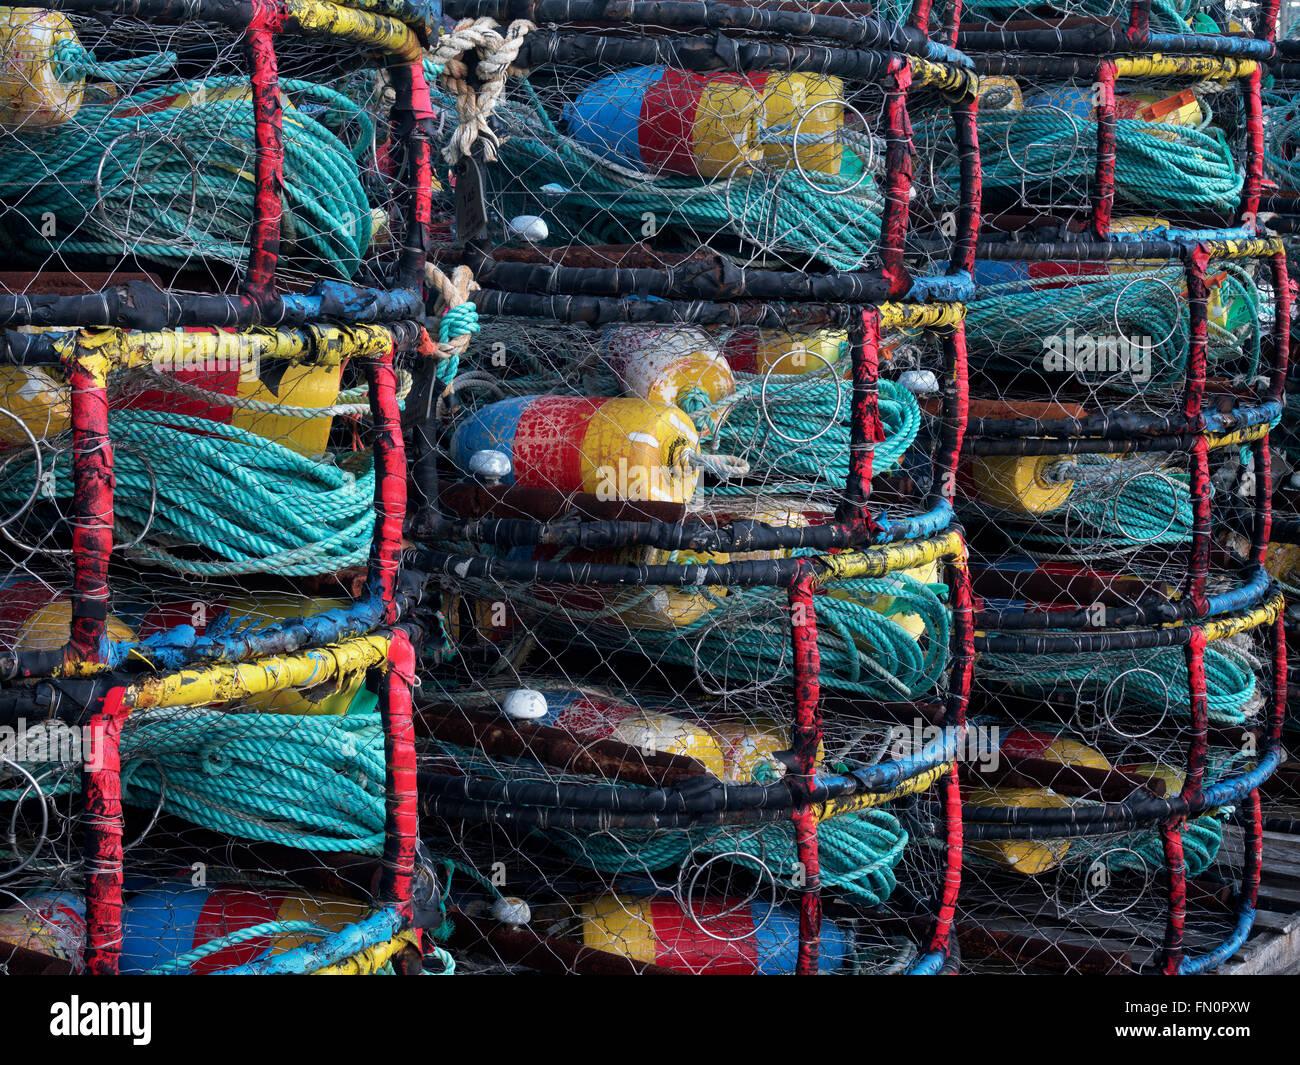 Crab pots  at Newport Harbor on the Yaquina River, Oregon - Stock Image